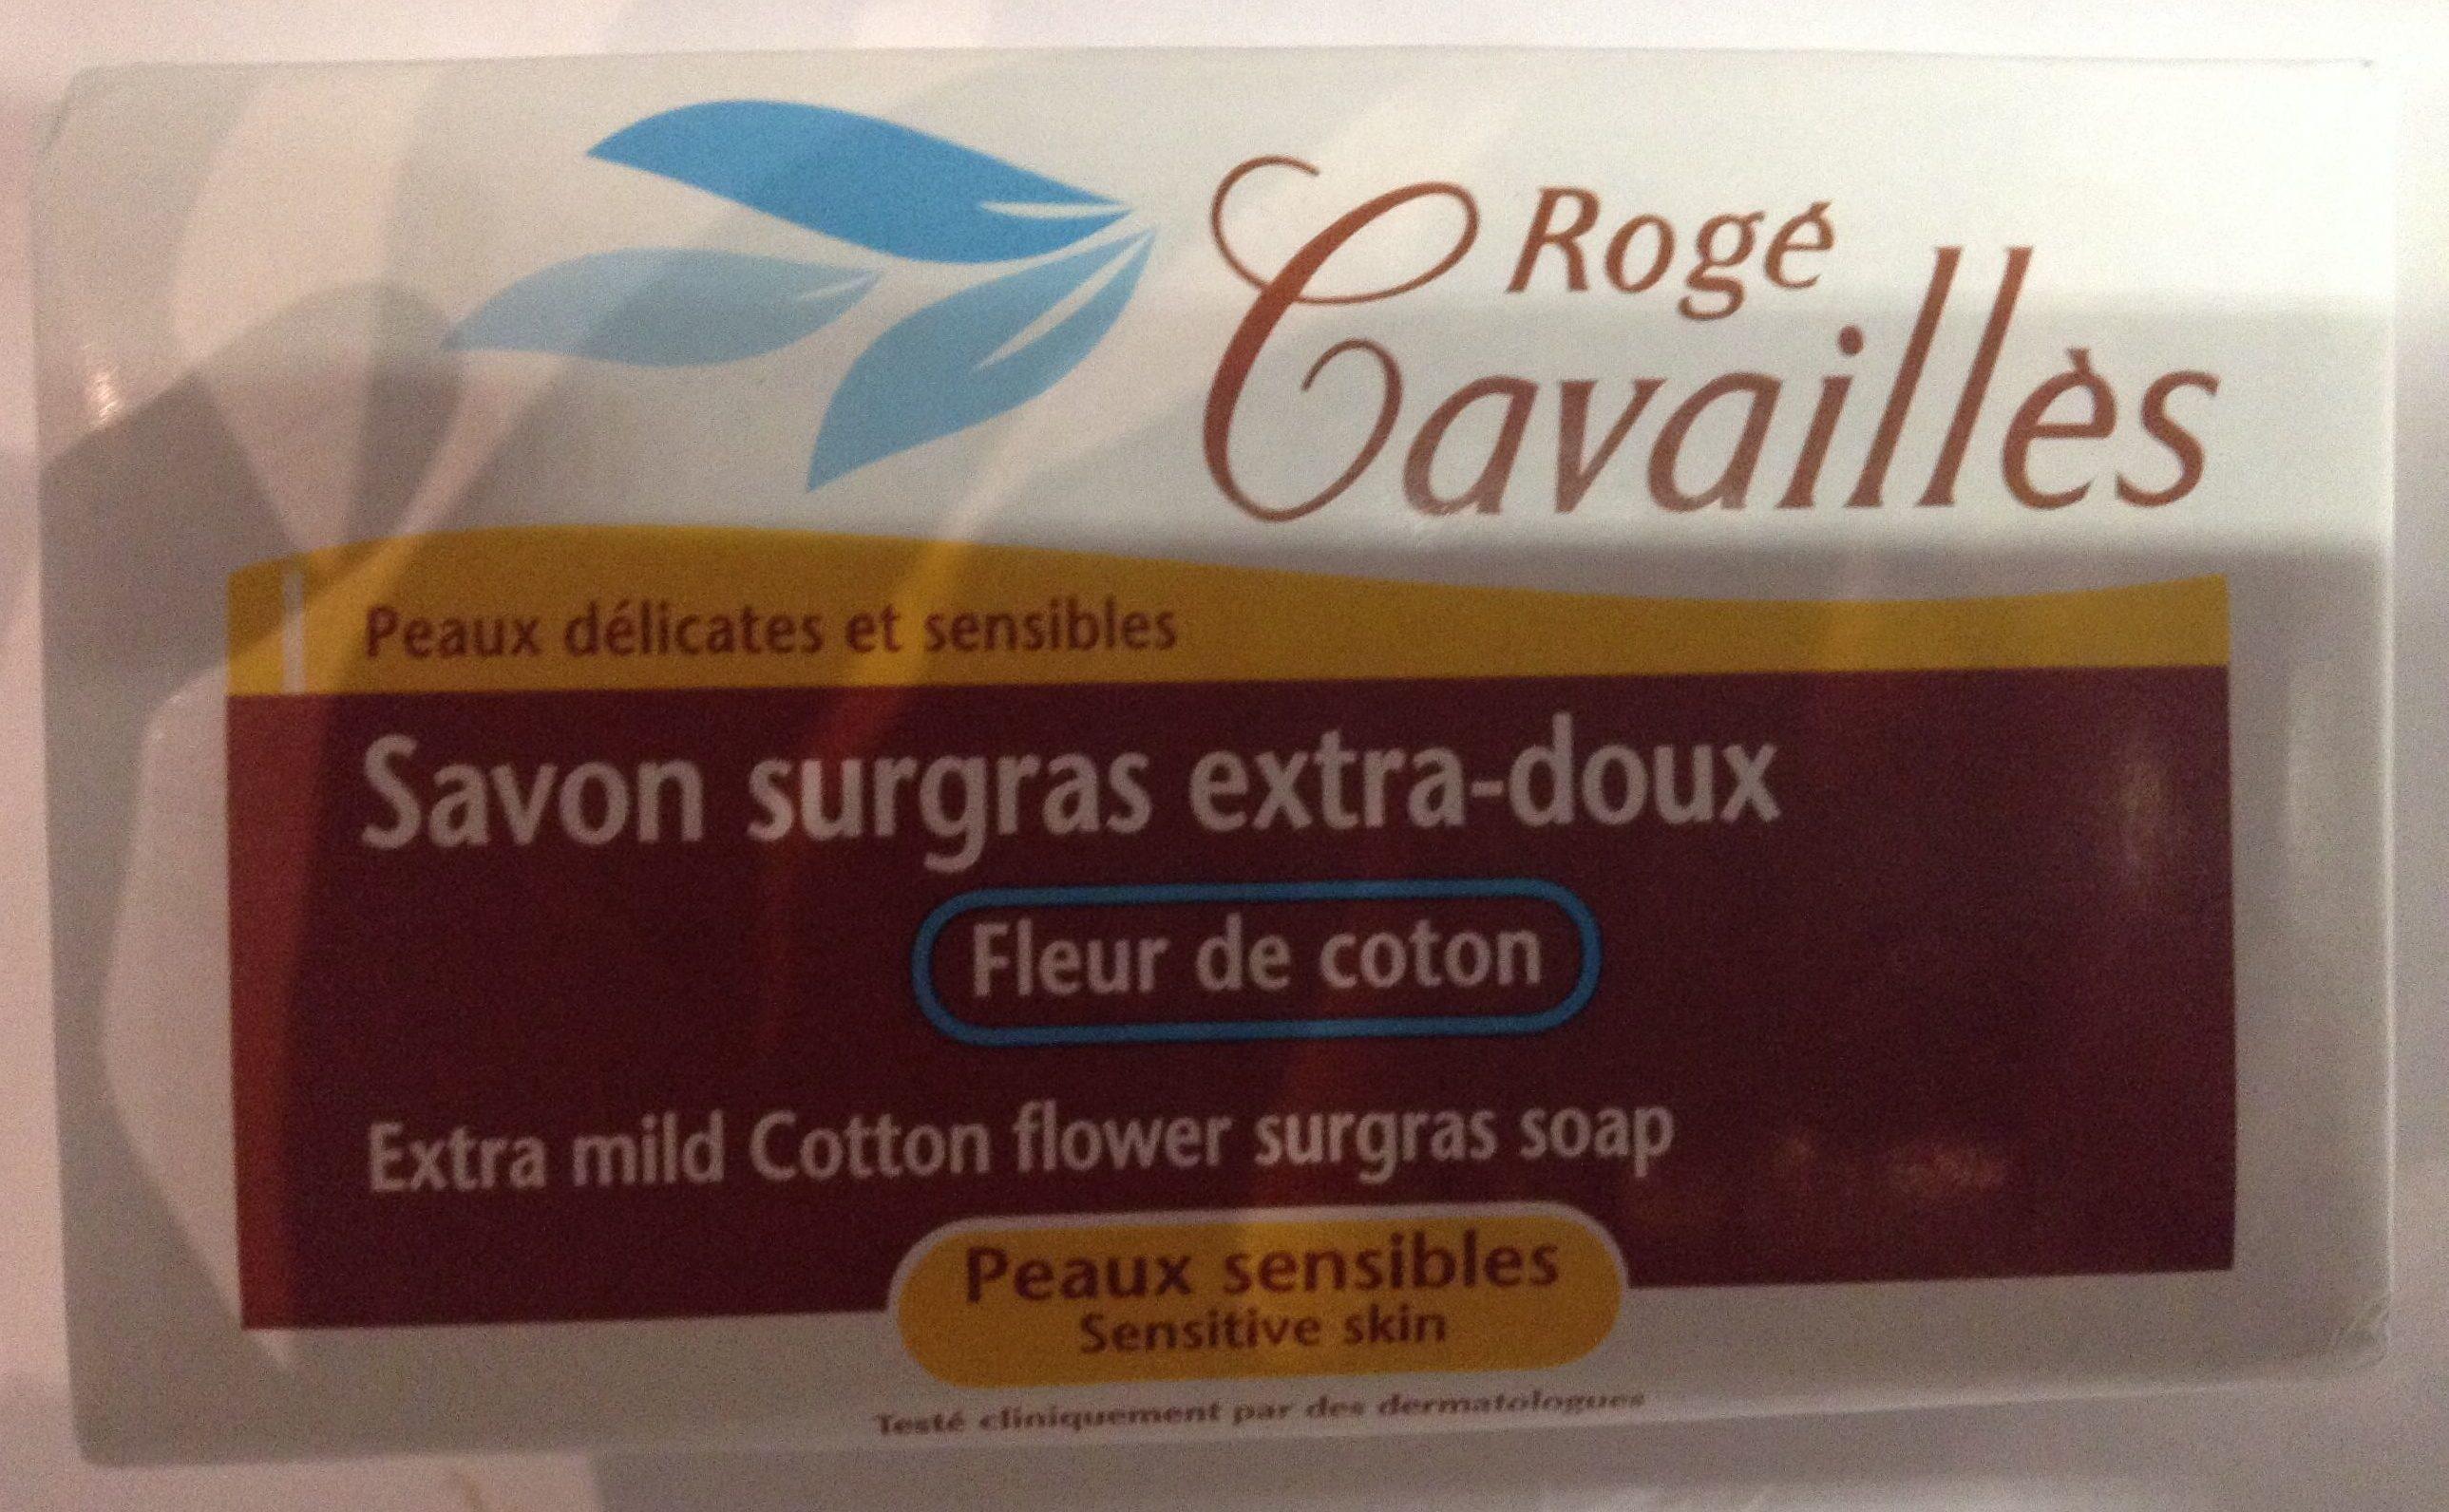 Savon surgras extra-doux Fleur de coton - Product